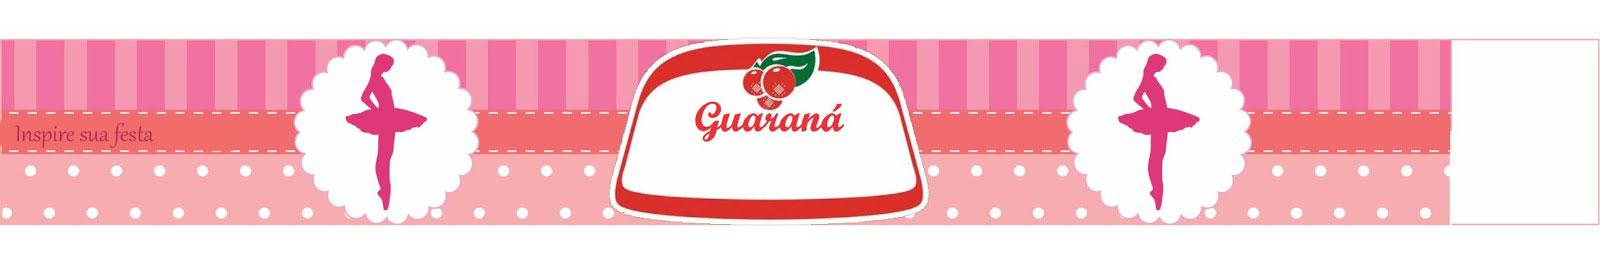 rotulo guarana bailarina gratuito 1